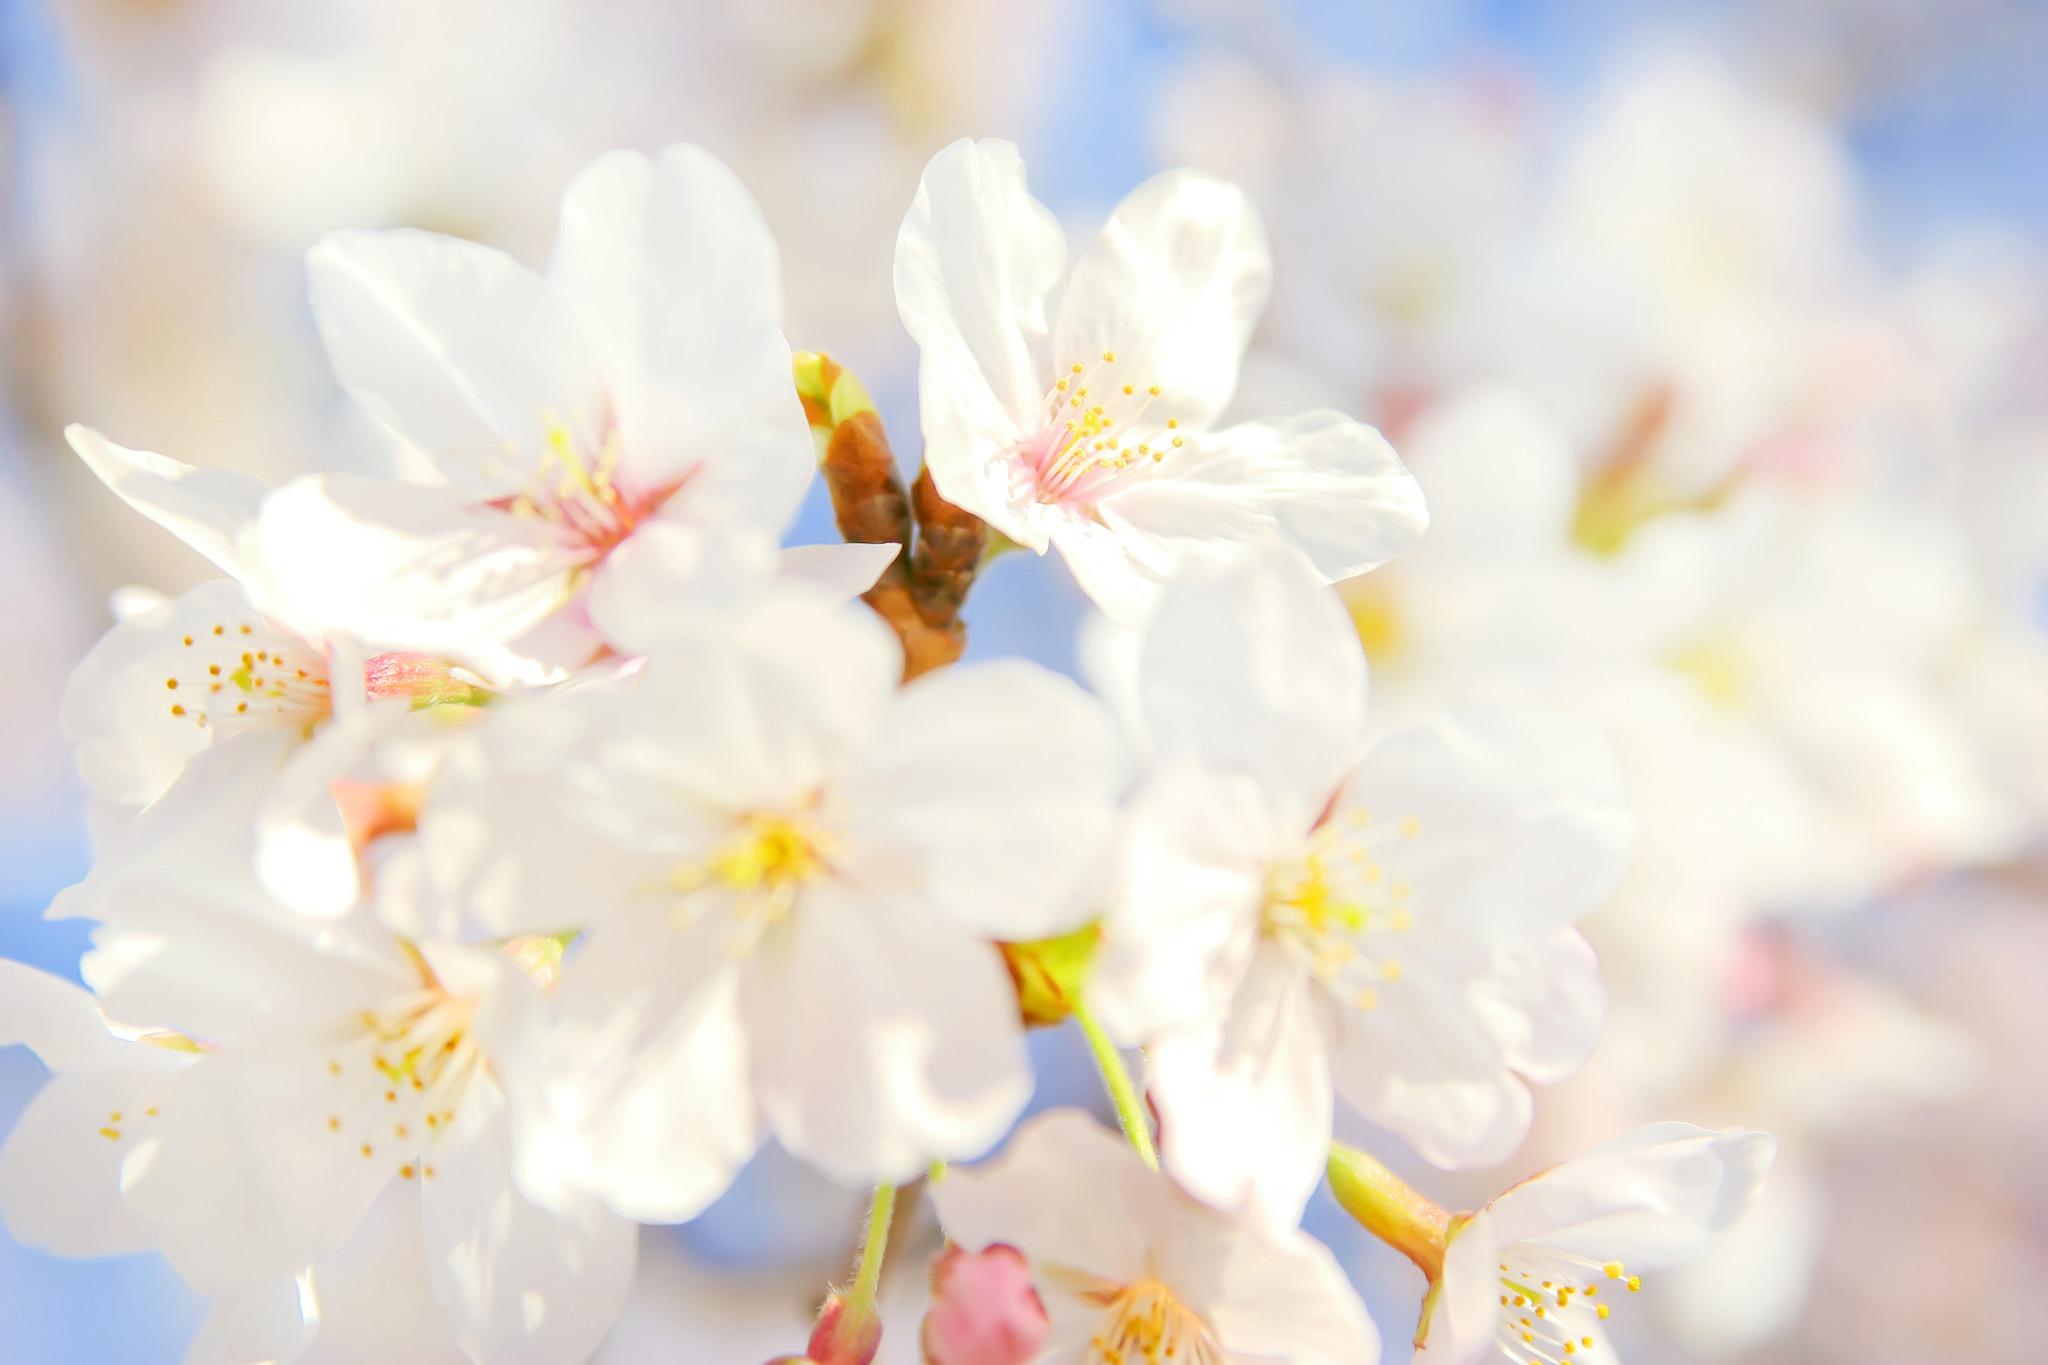 「桜の花びらと青空」の背景を無料ダウンロード